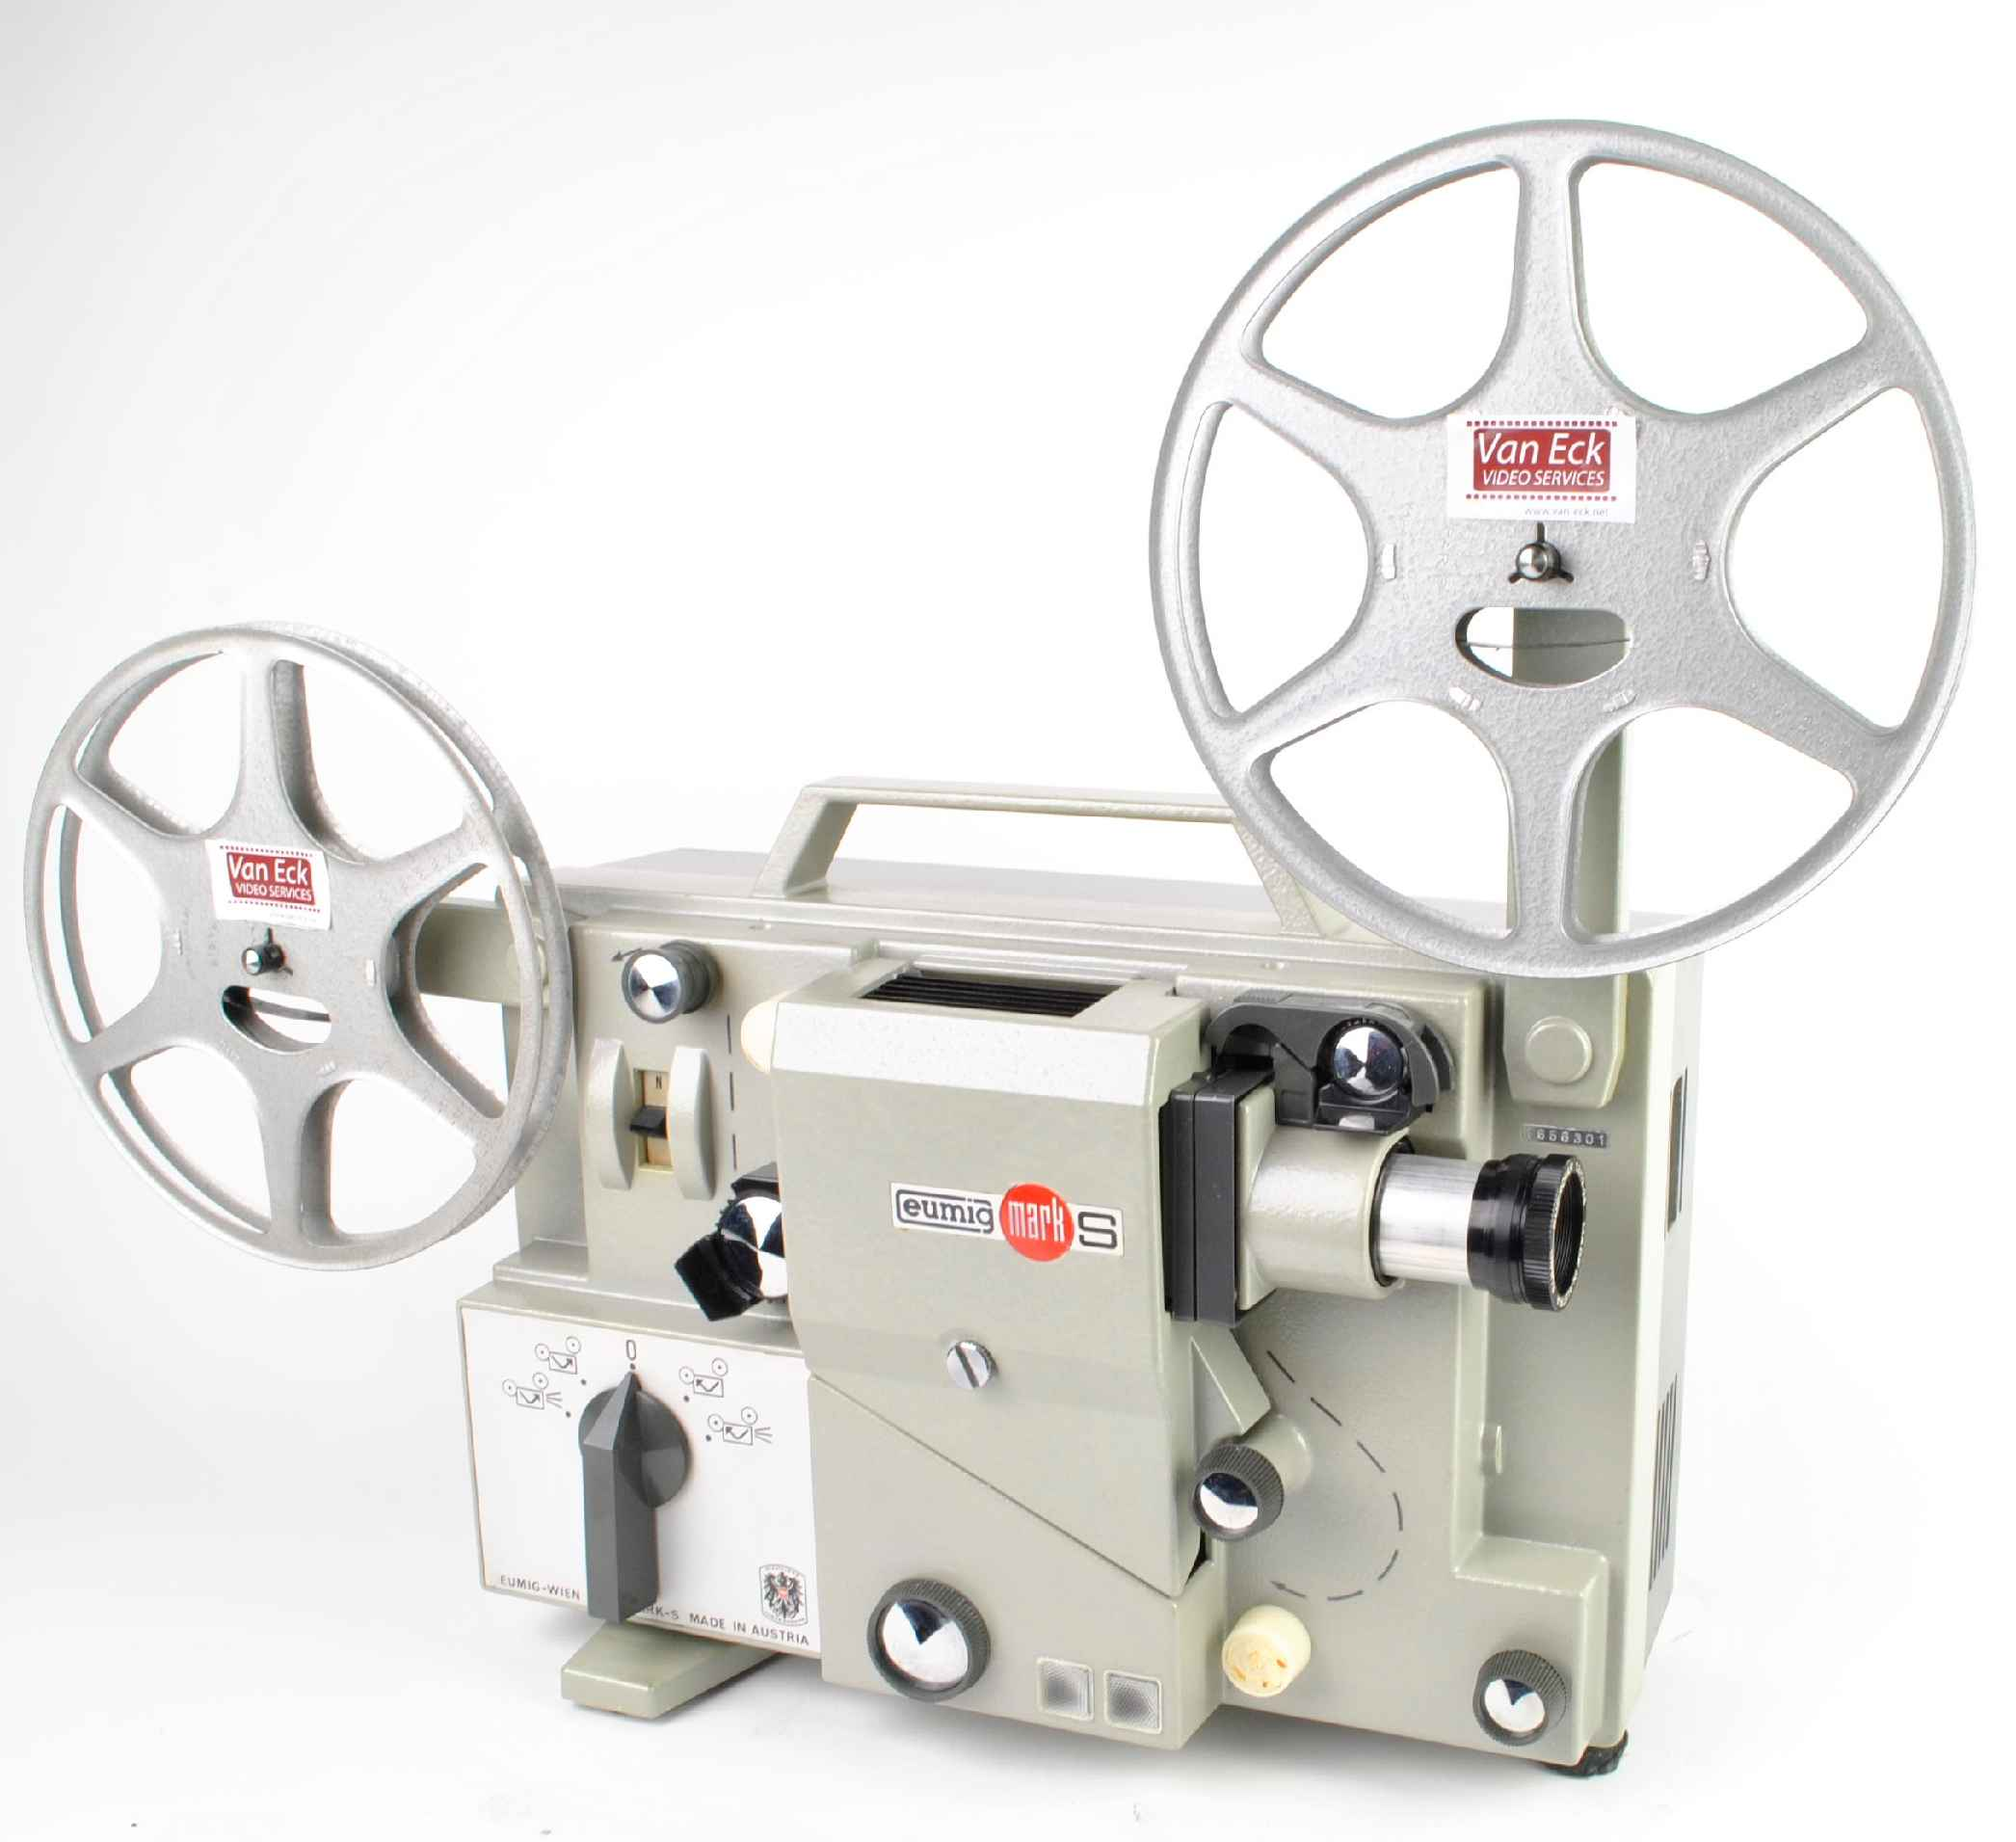 Regular 8mm film